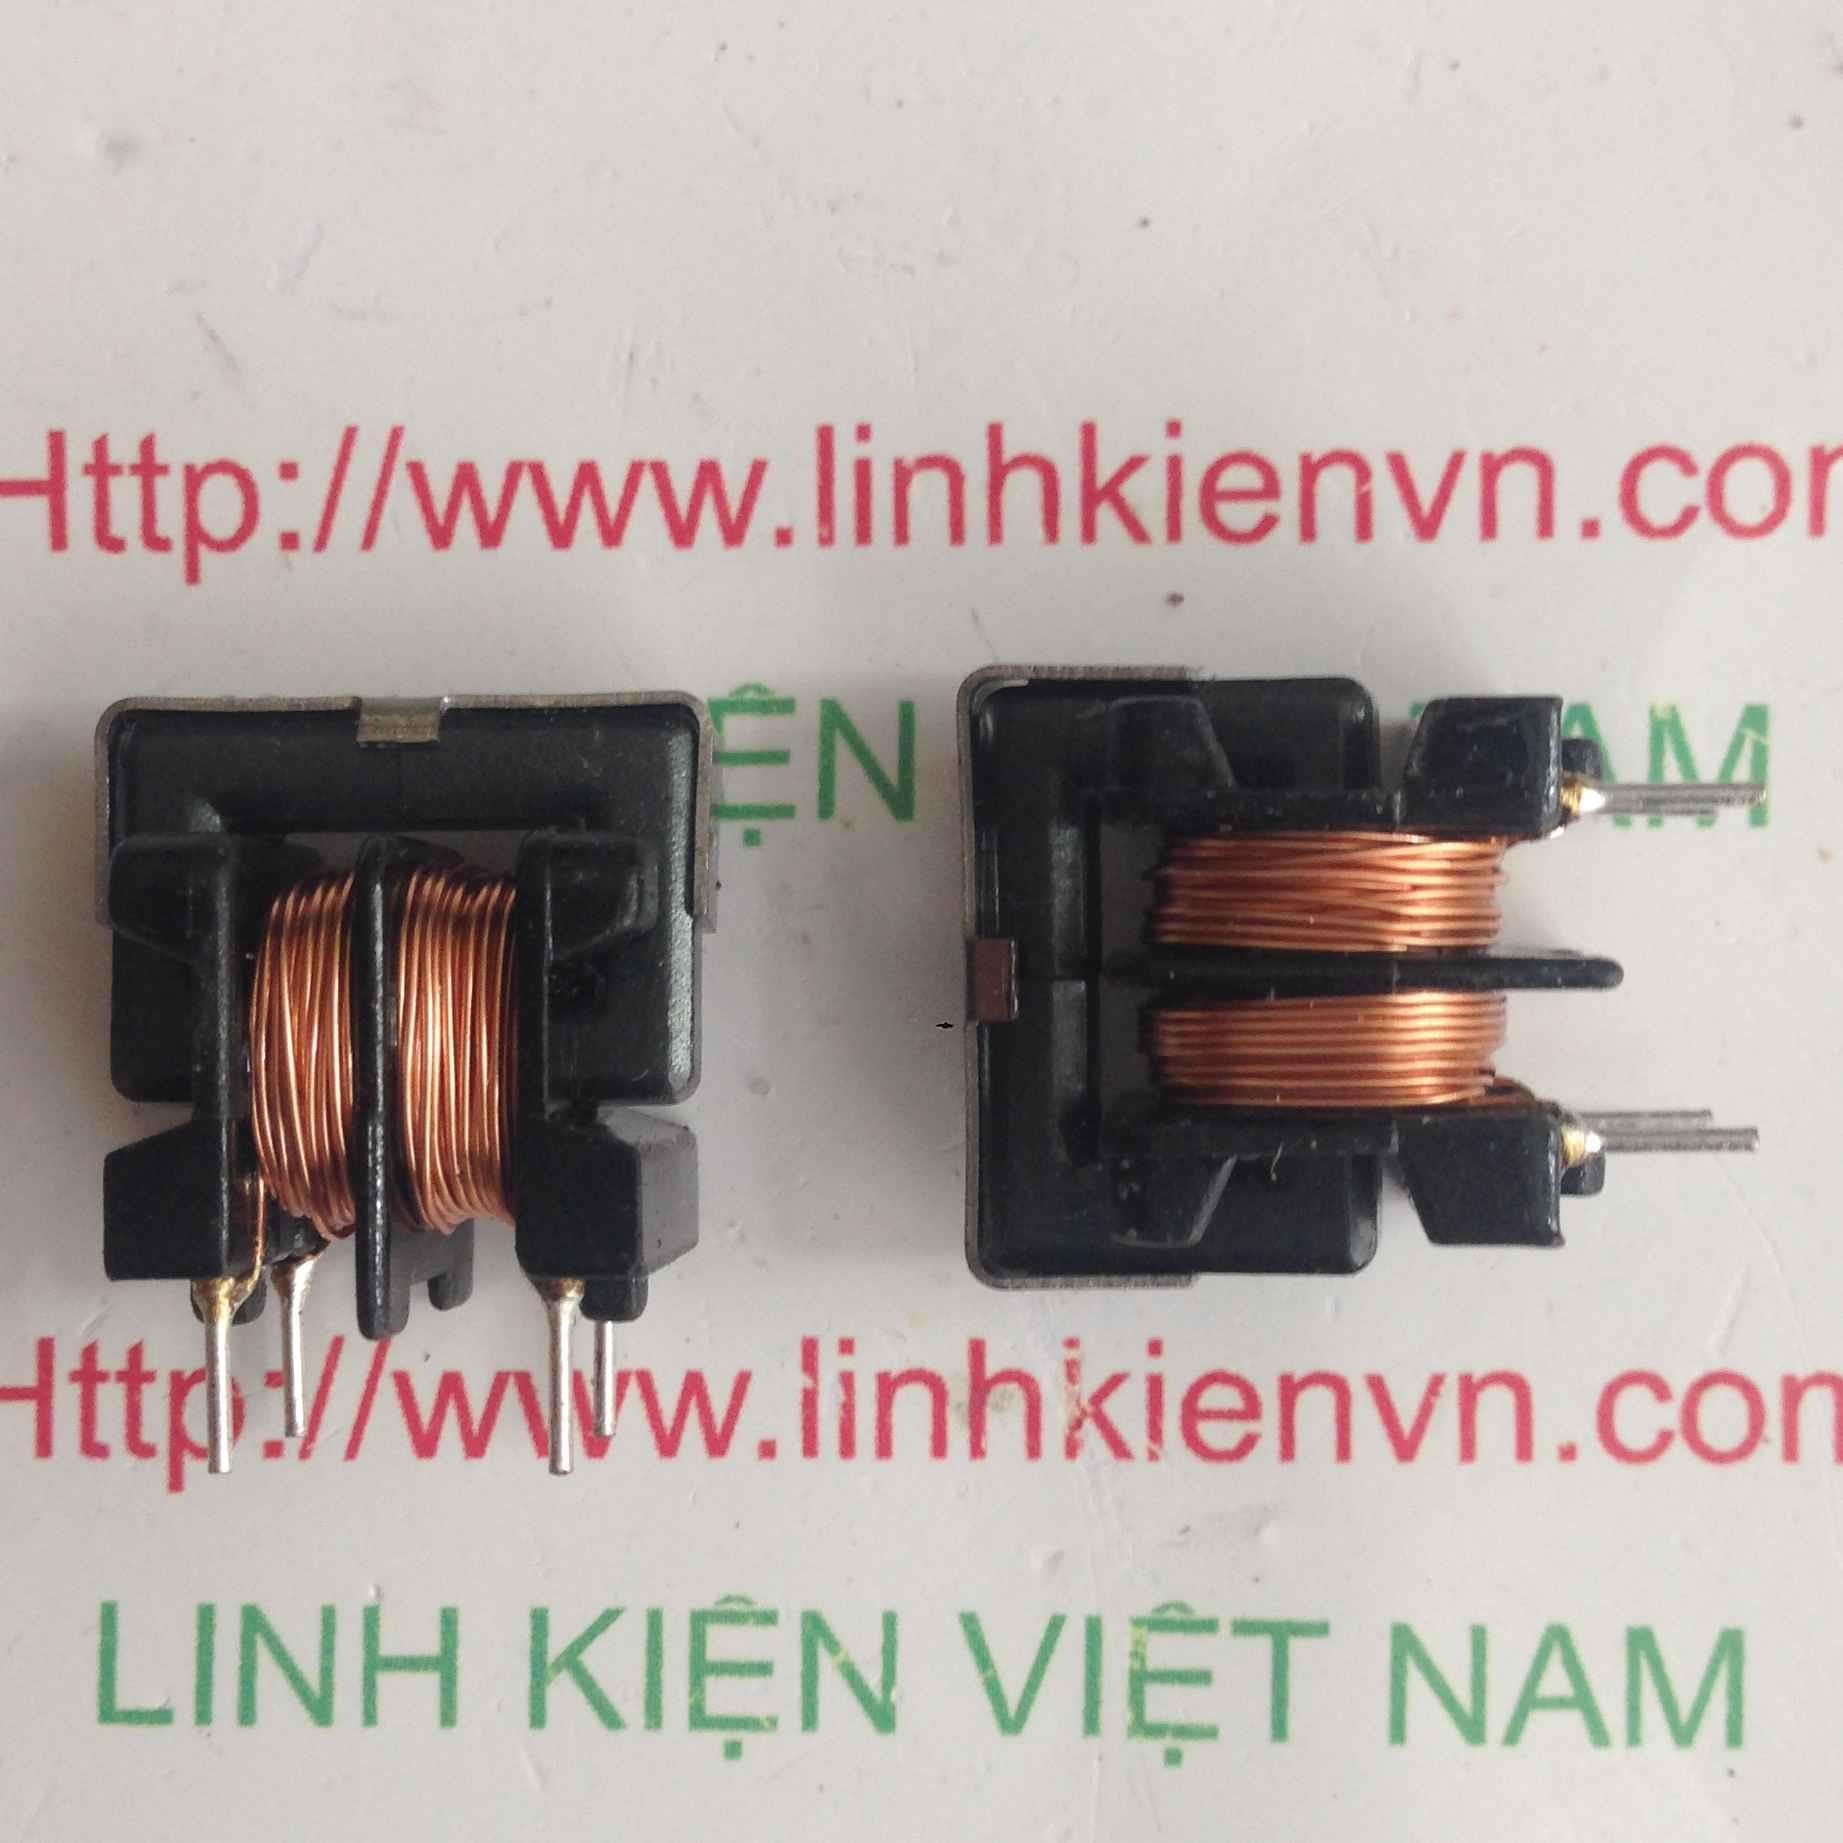 Cuộn Cảm Lọc AC 10mH 7x8mm - B9H3